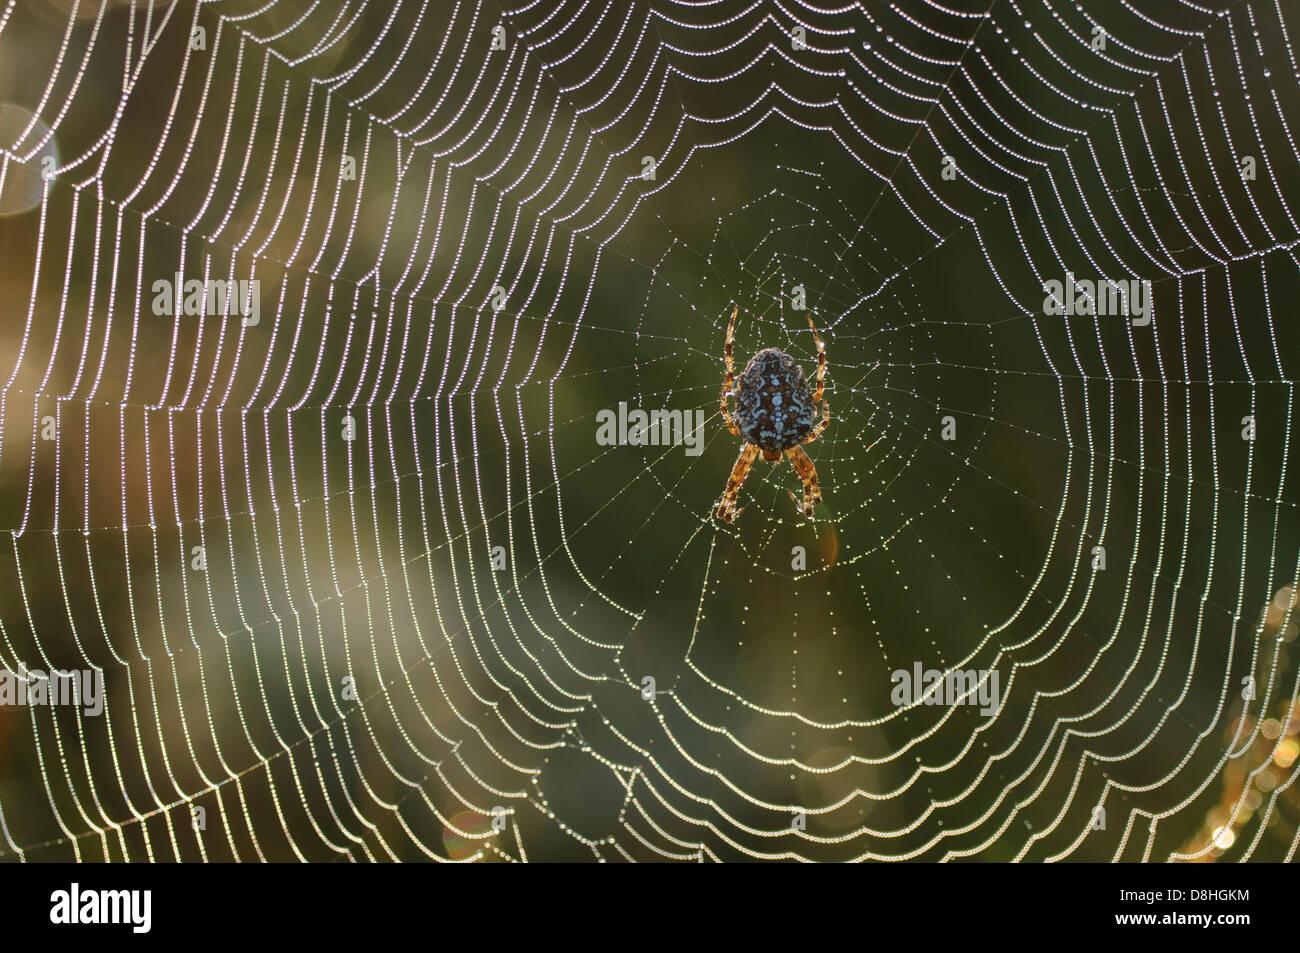 european garden spider sitting spider's net, araneus diadematus, goldenstedt, niedersachsen, germany - Stock Image